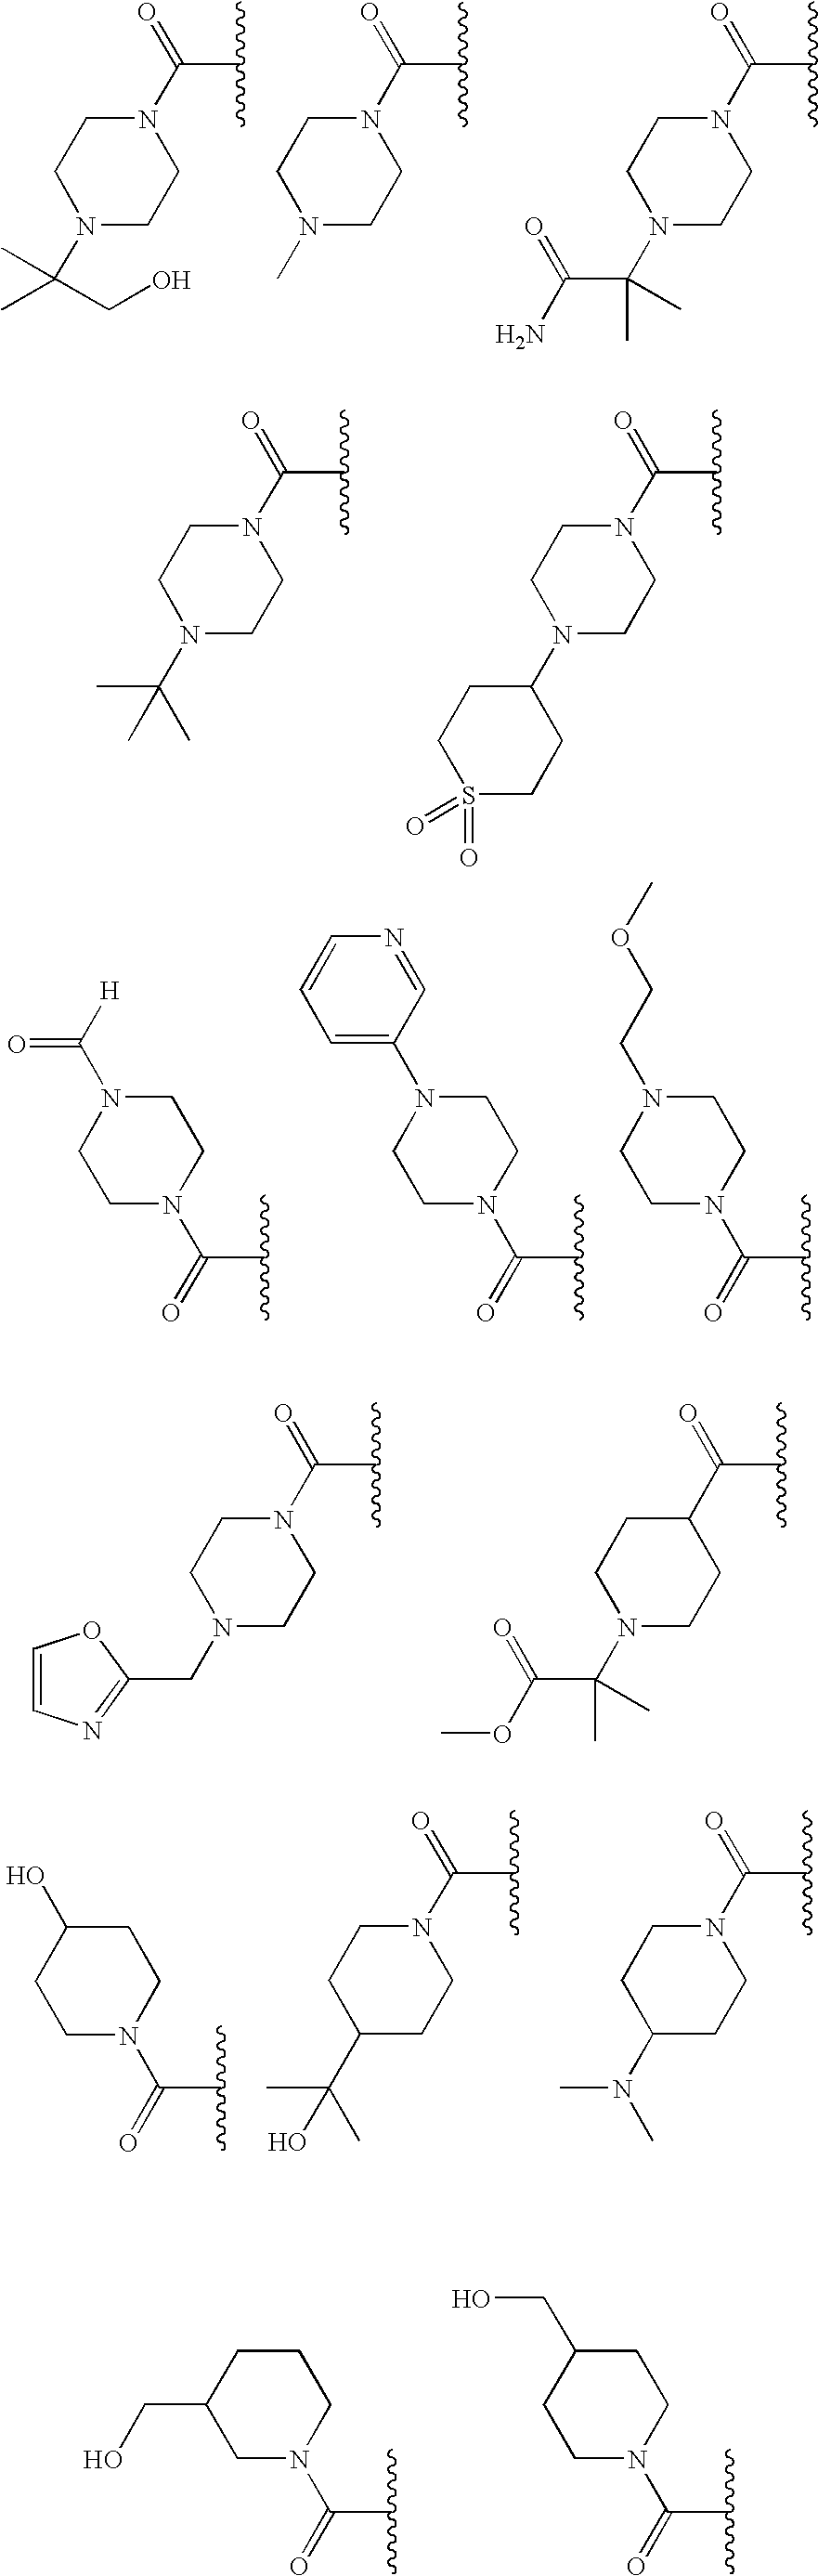 Figure US08173650-20120508-C00020